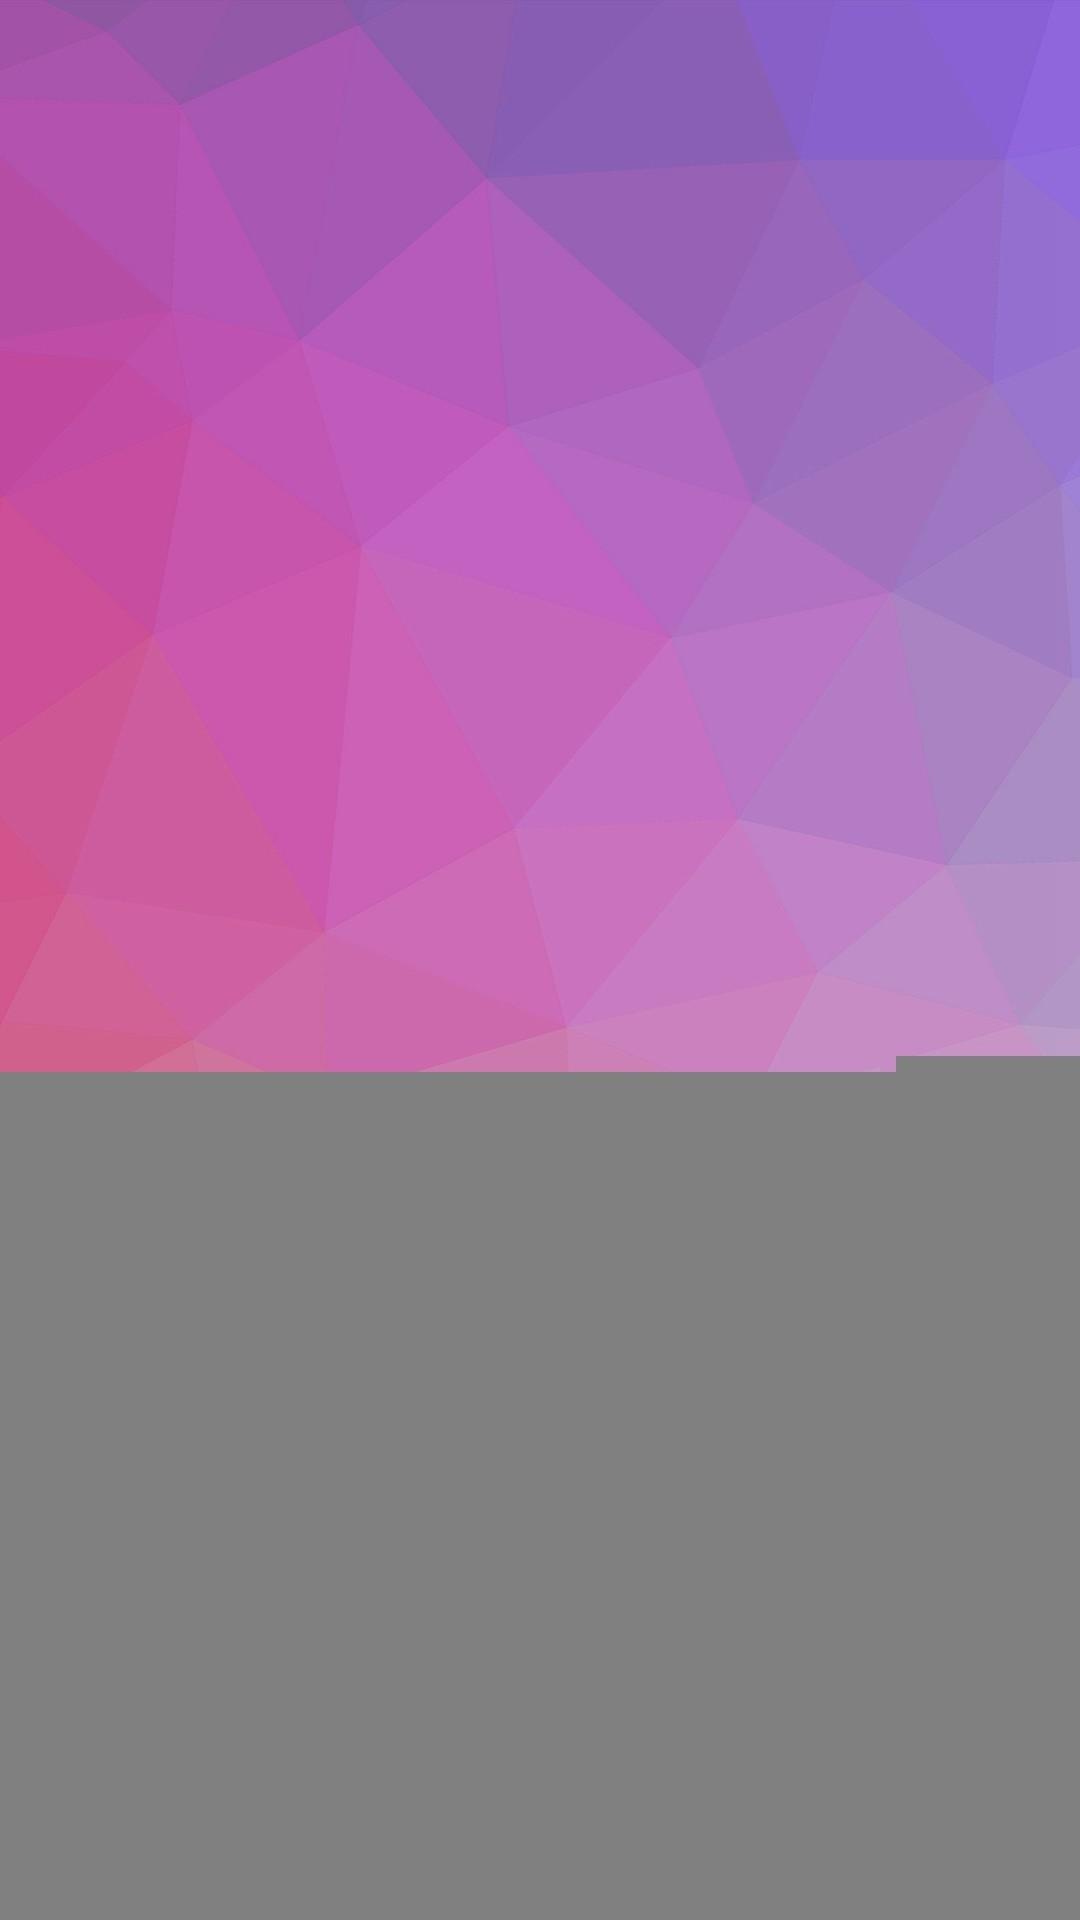 Polyart Pastel Pink Yellow Pattern iPhone 7 wallpaper